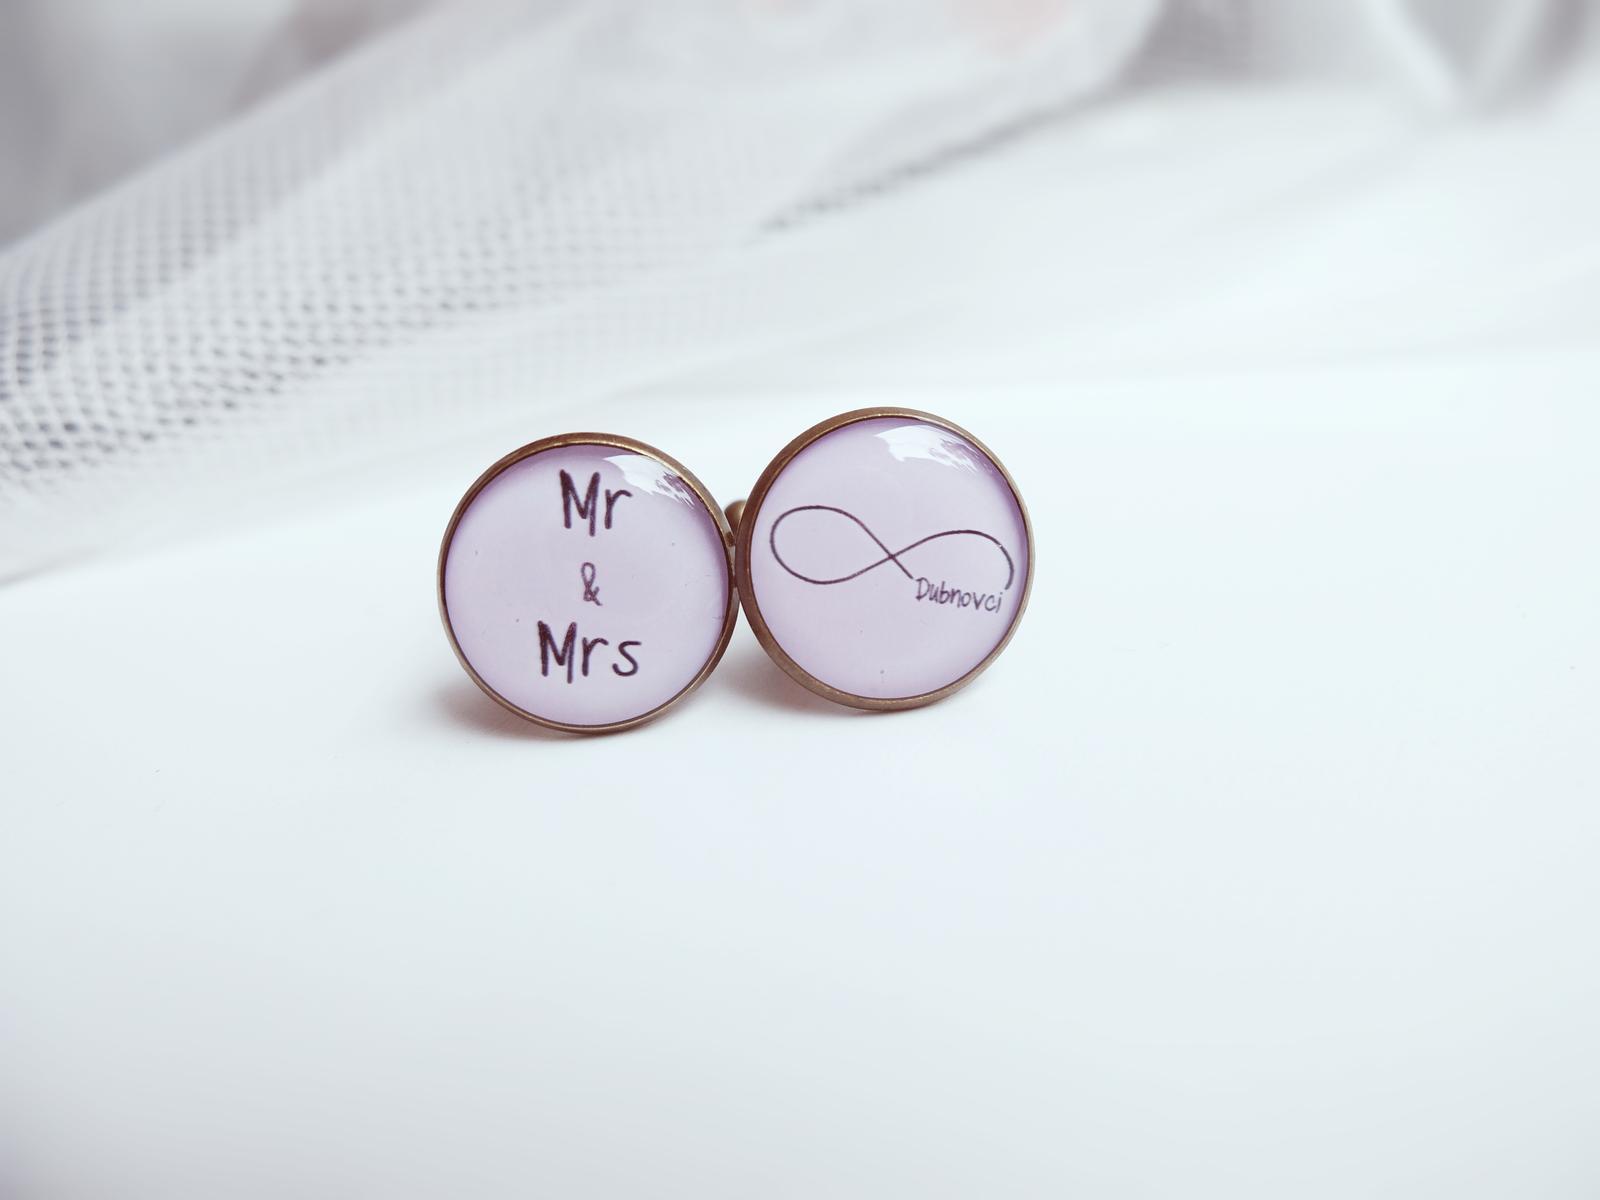 Manžetové knoflíčky - ∞ Mr and Mrs Dubnovci <3